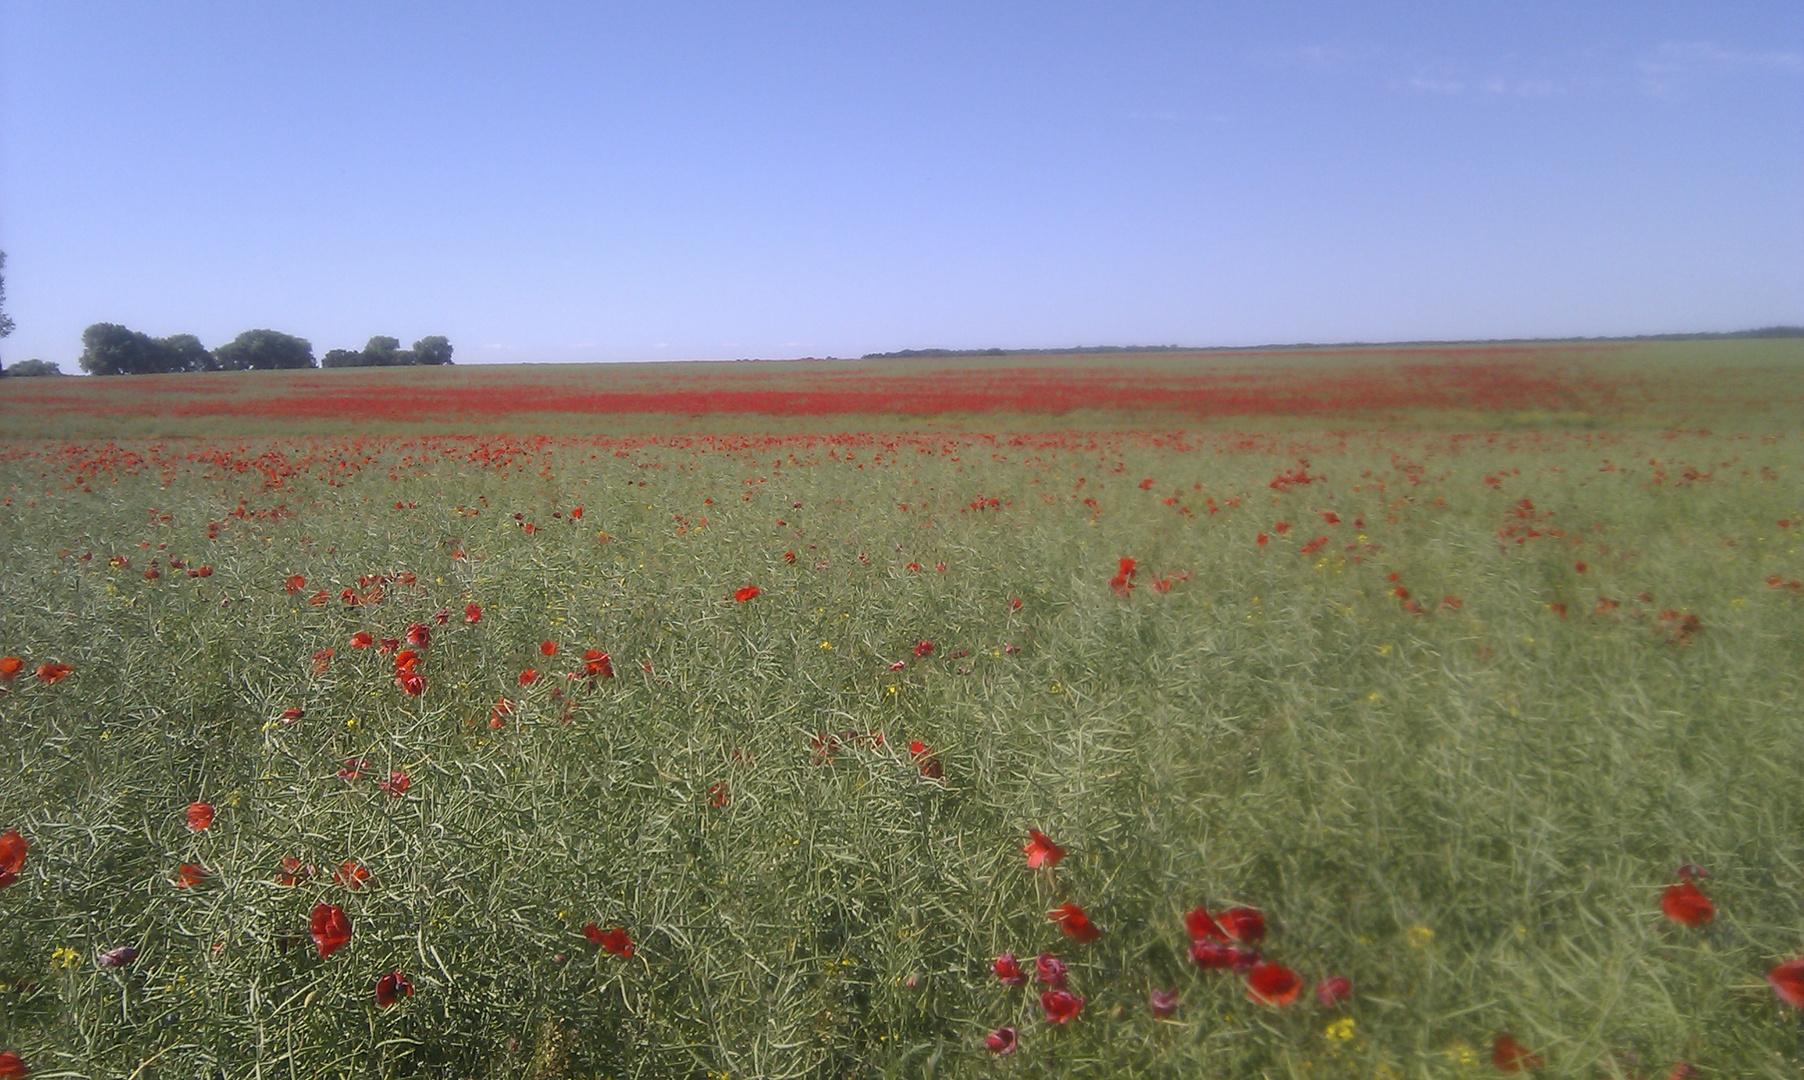 Mohnfeld im Sommer